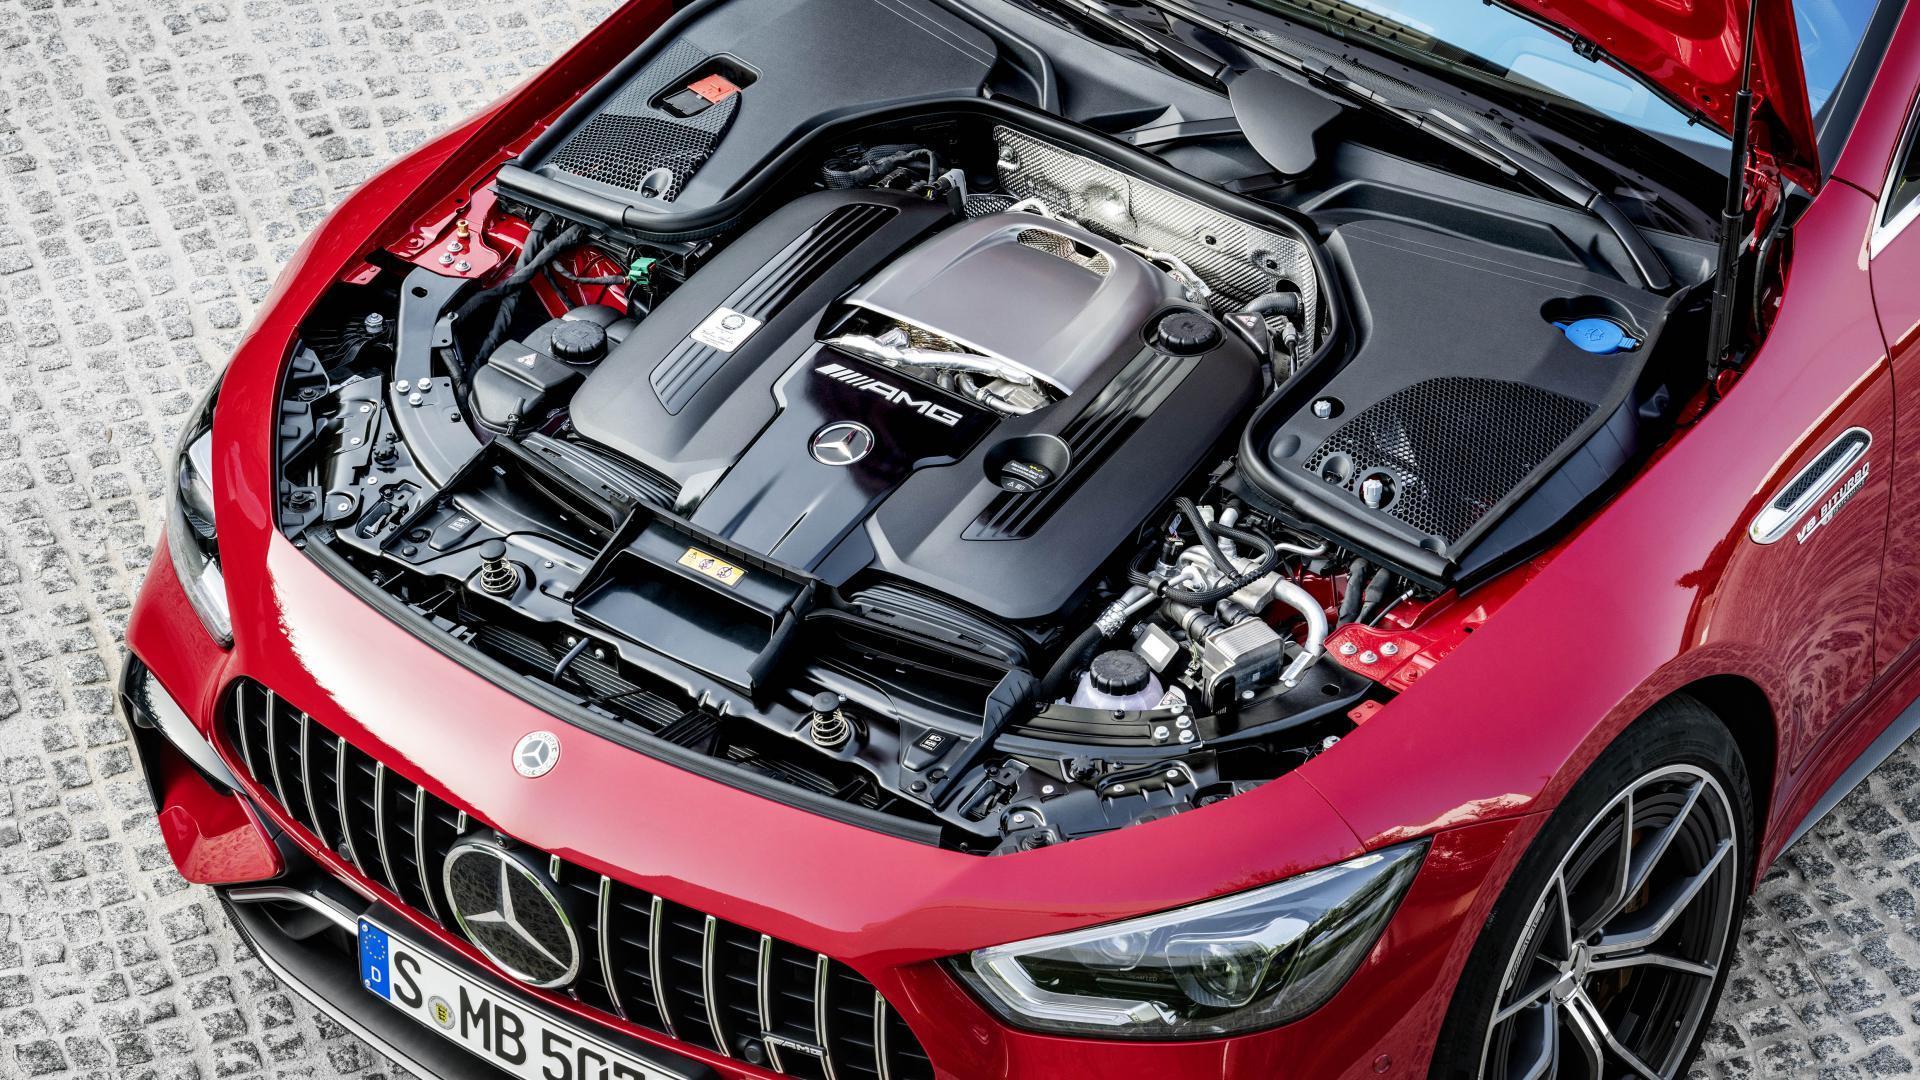 Motor (V8) Mercedes-AMG GT 63 S E Performance